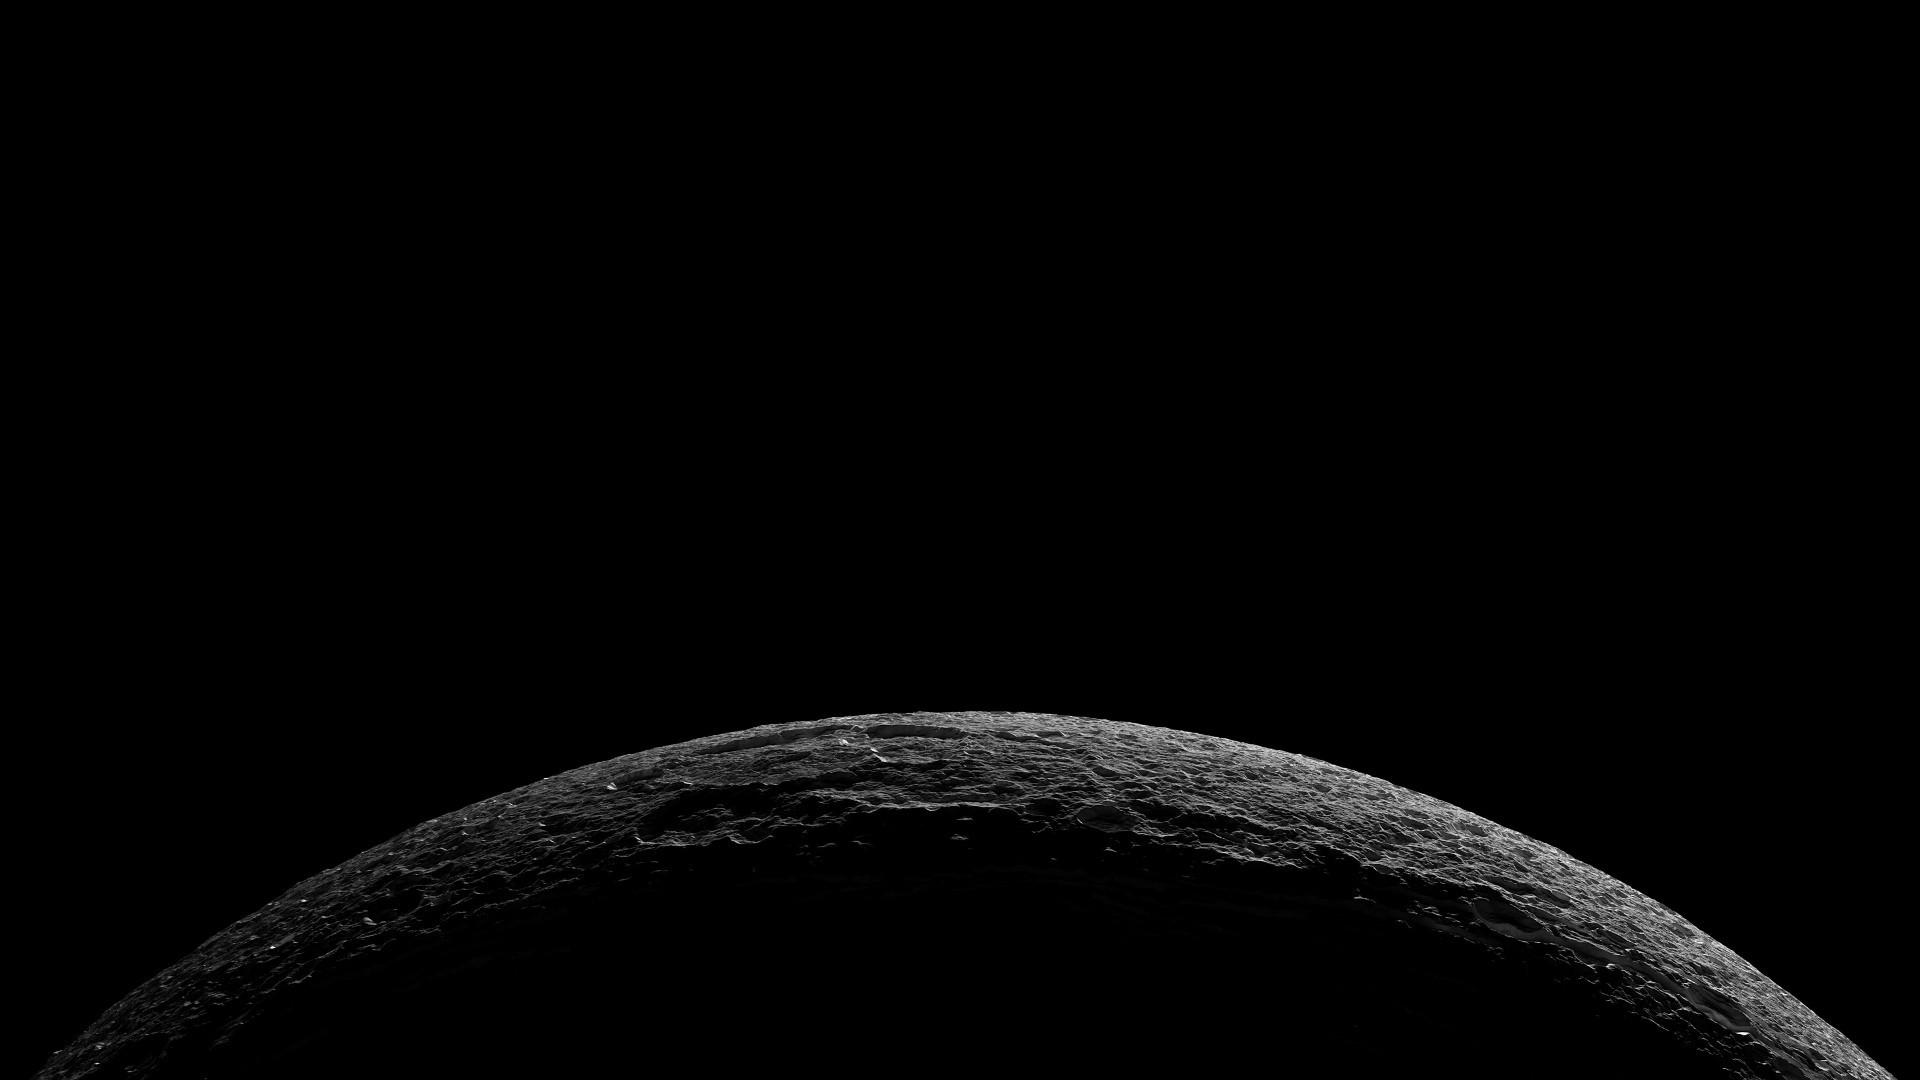 hintergrundbilder fisch schwarzer hintergrund - photo #14